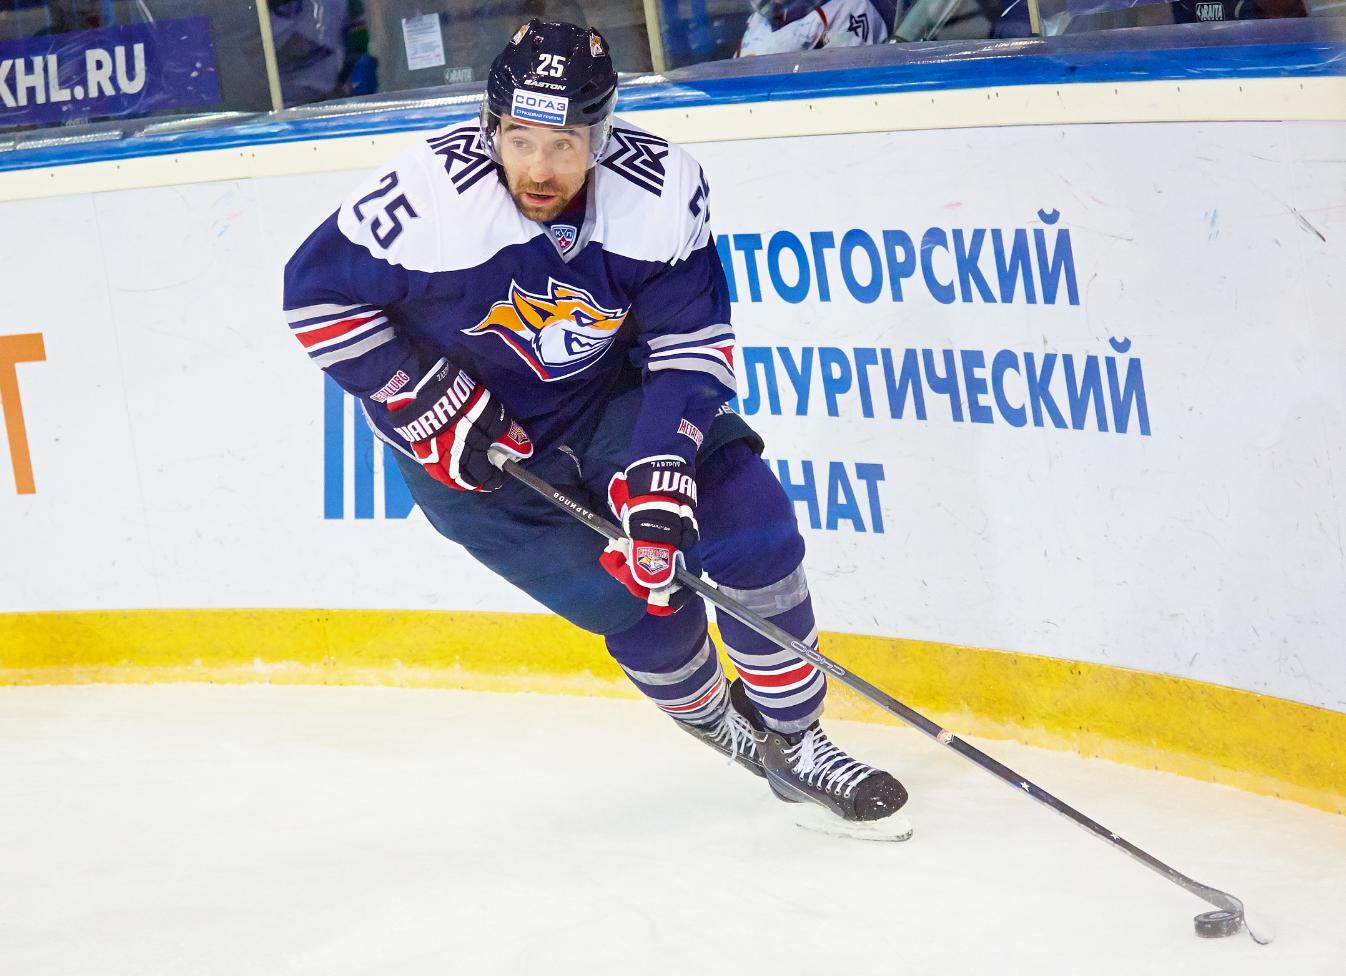 Прогноз на КХЛ: Металлург Магнитогорск – Сибирь – 14 октября 2018 года